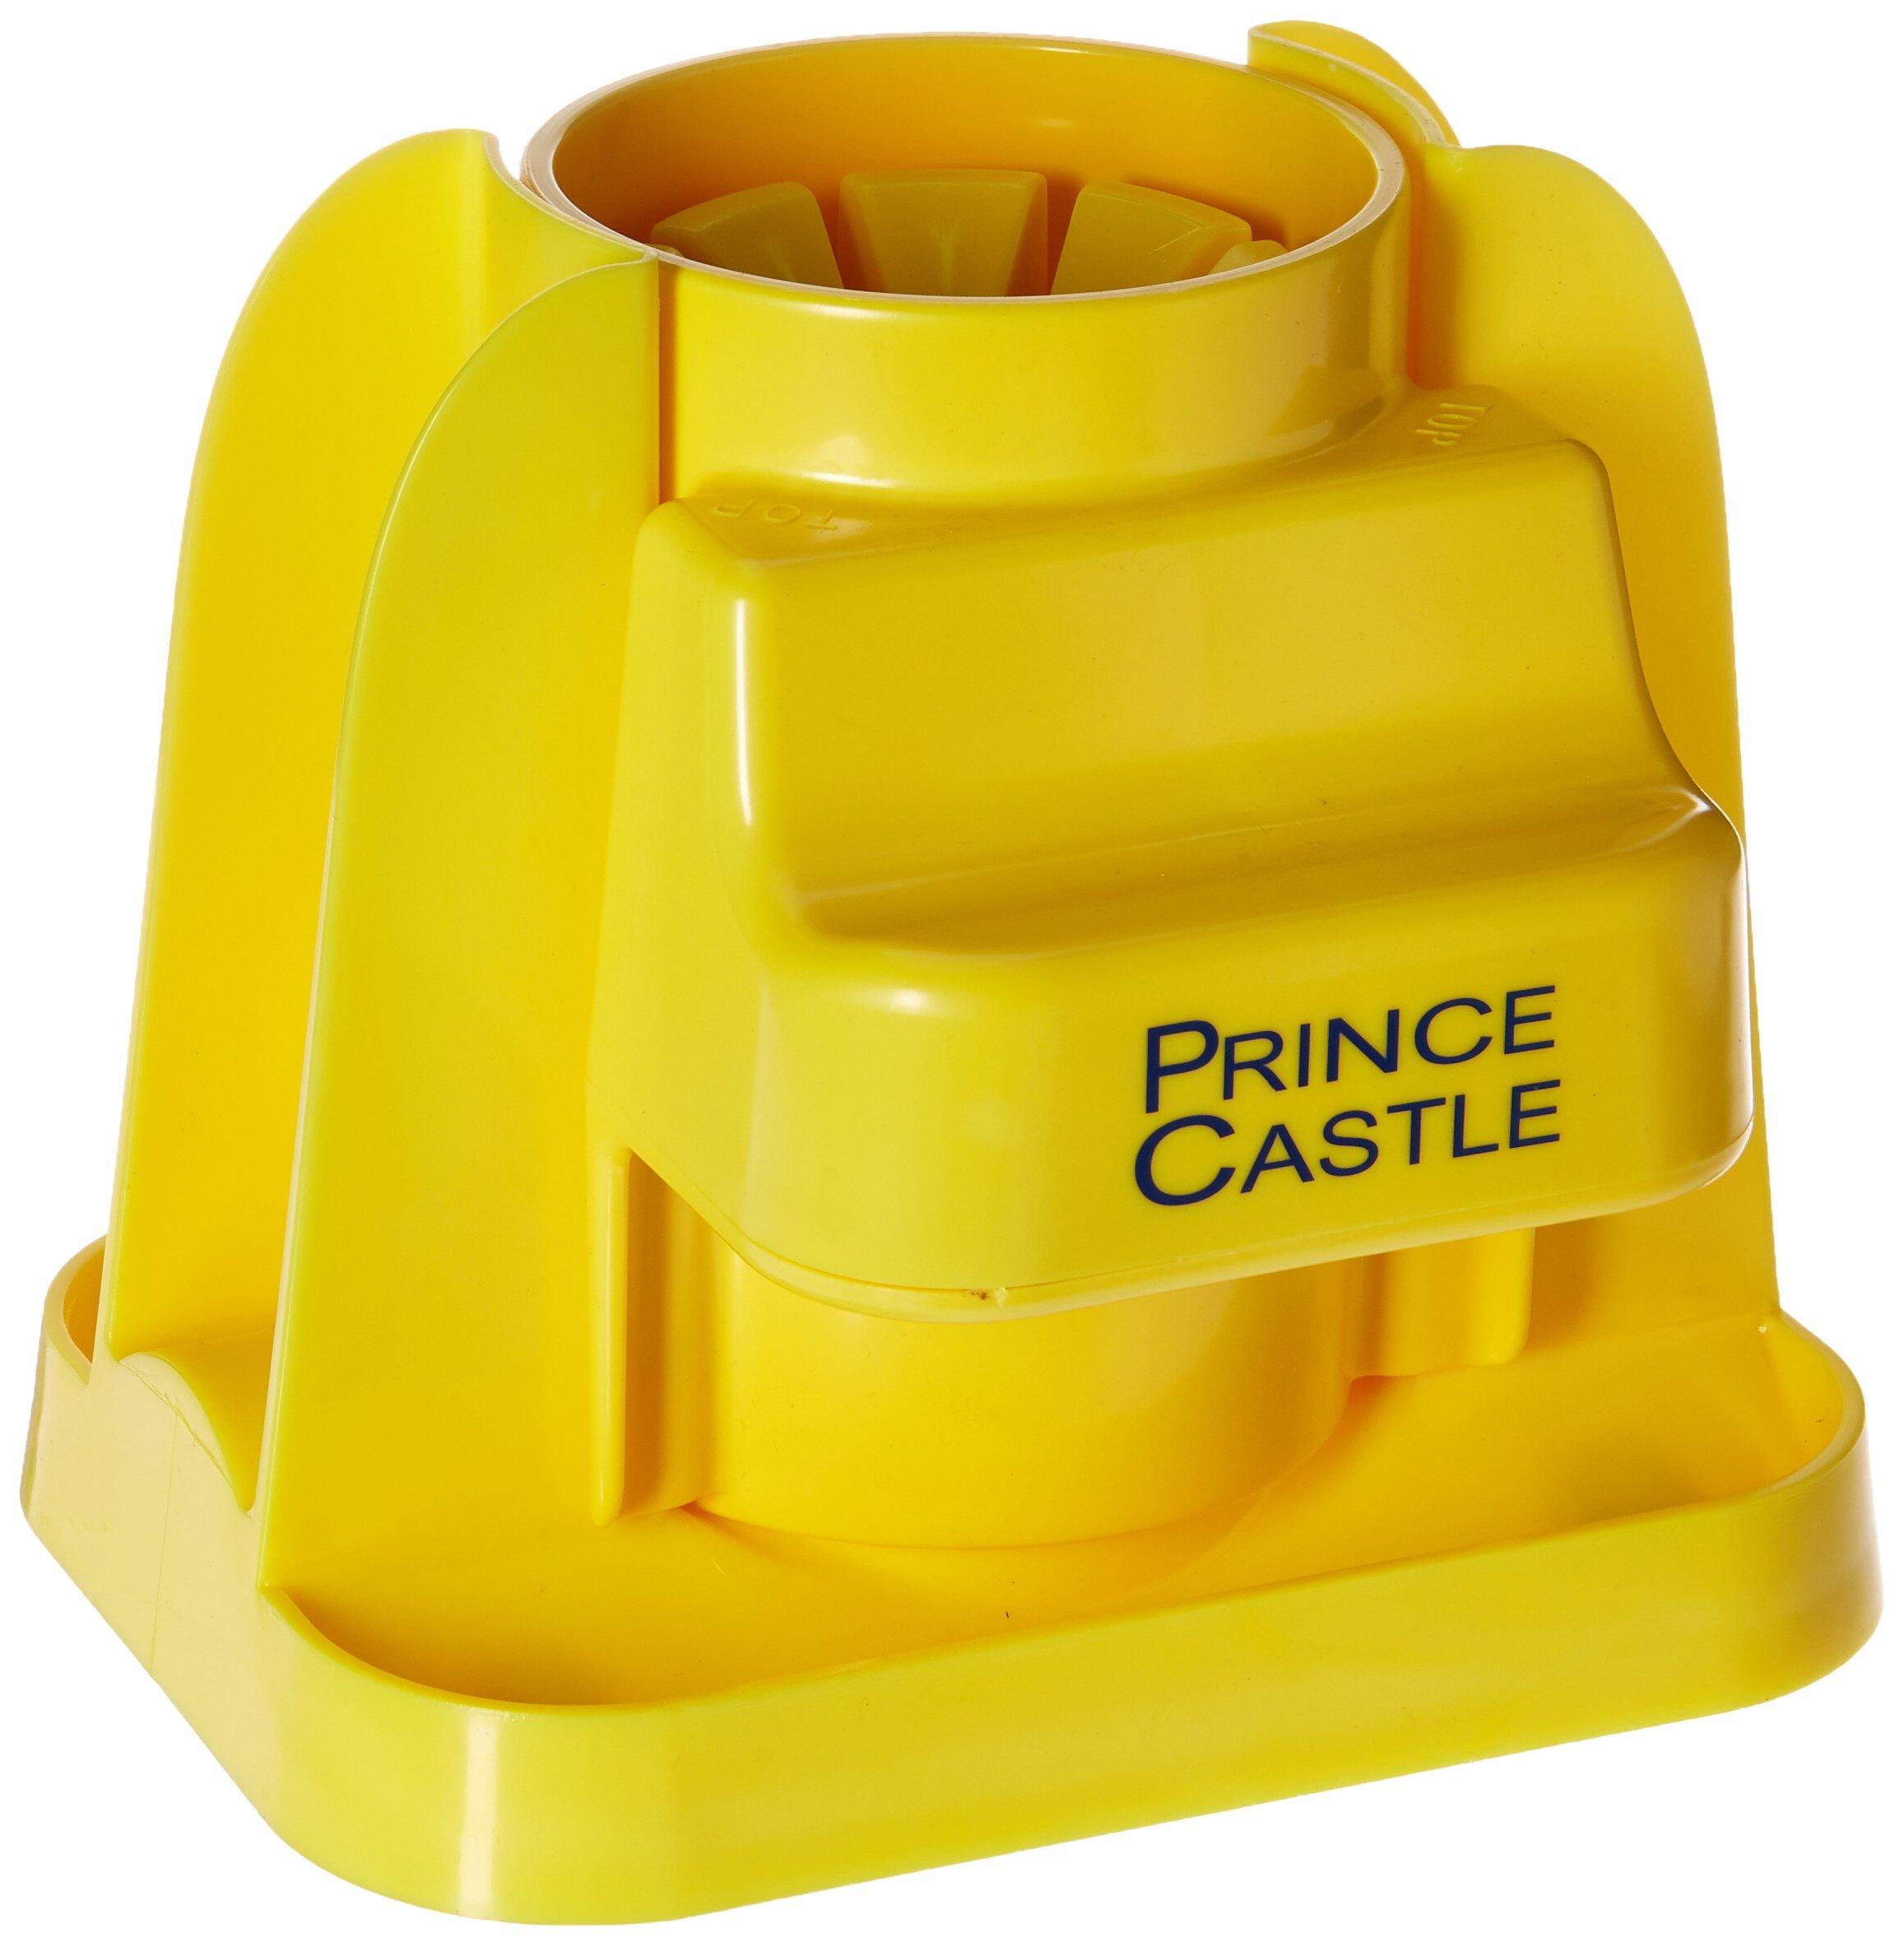 Prince Castle CW-6 Yellow Citrus Saber